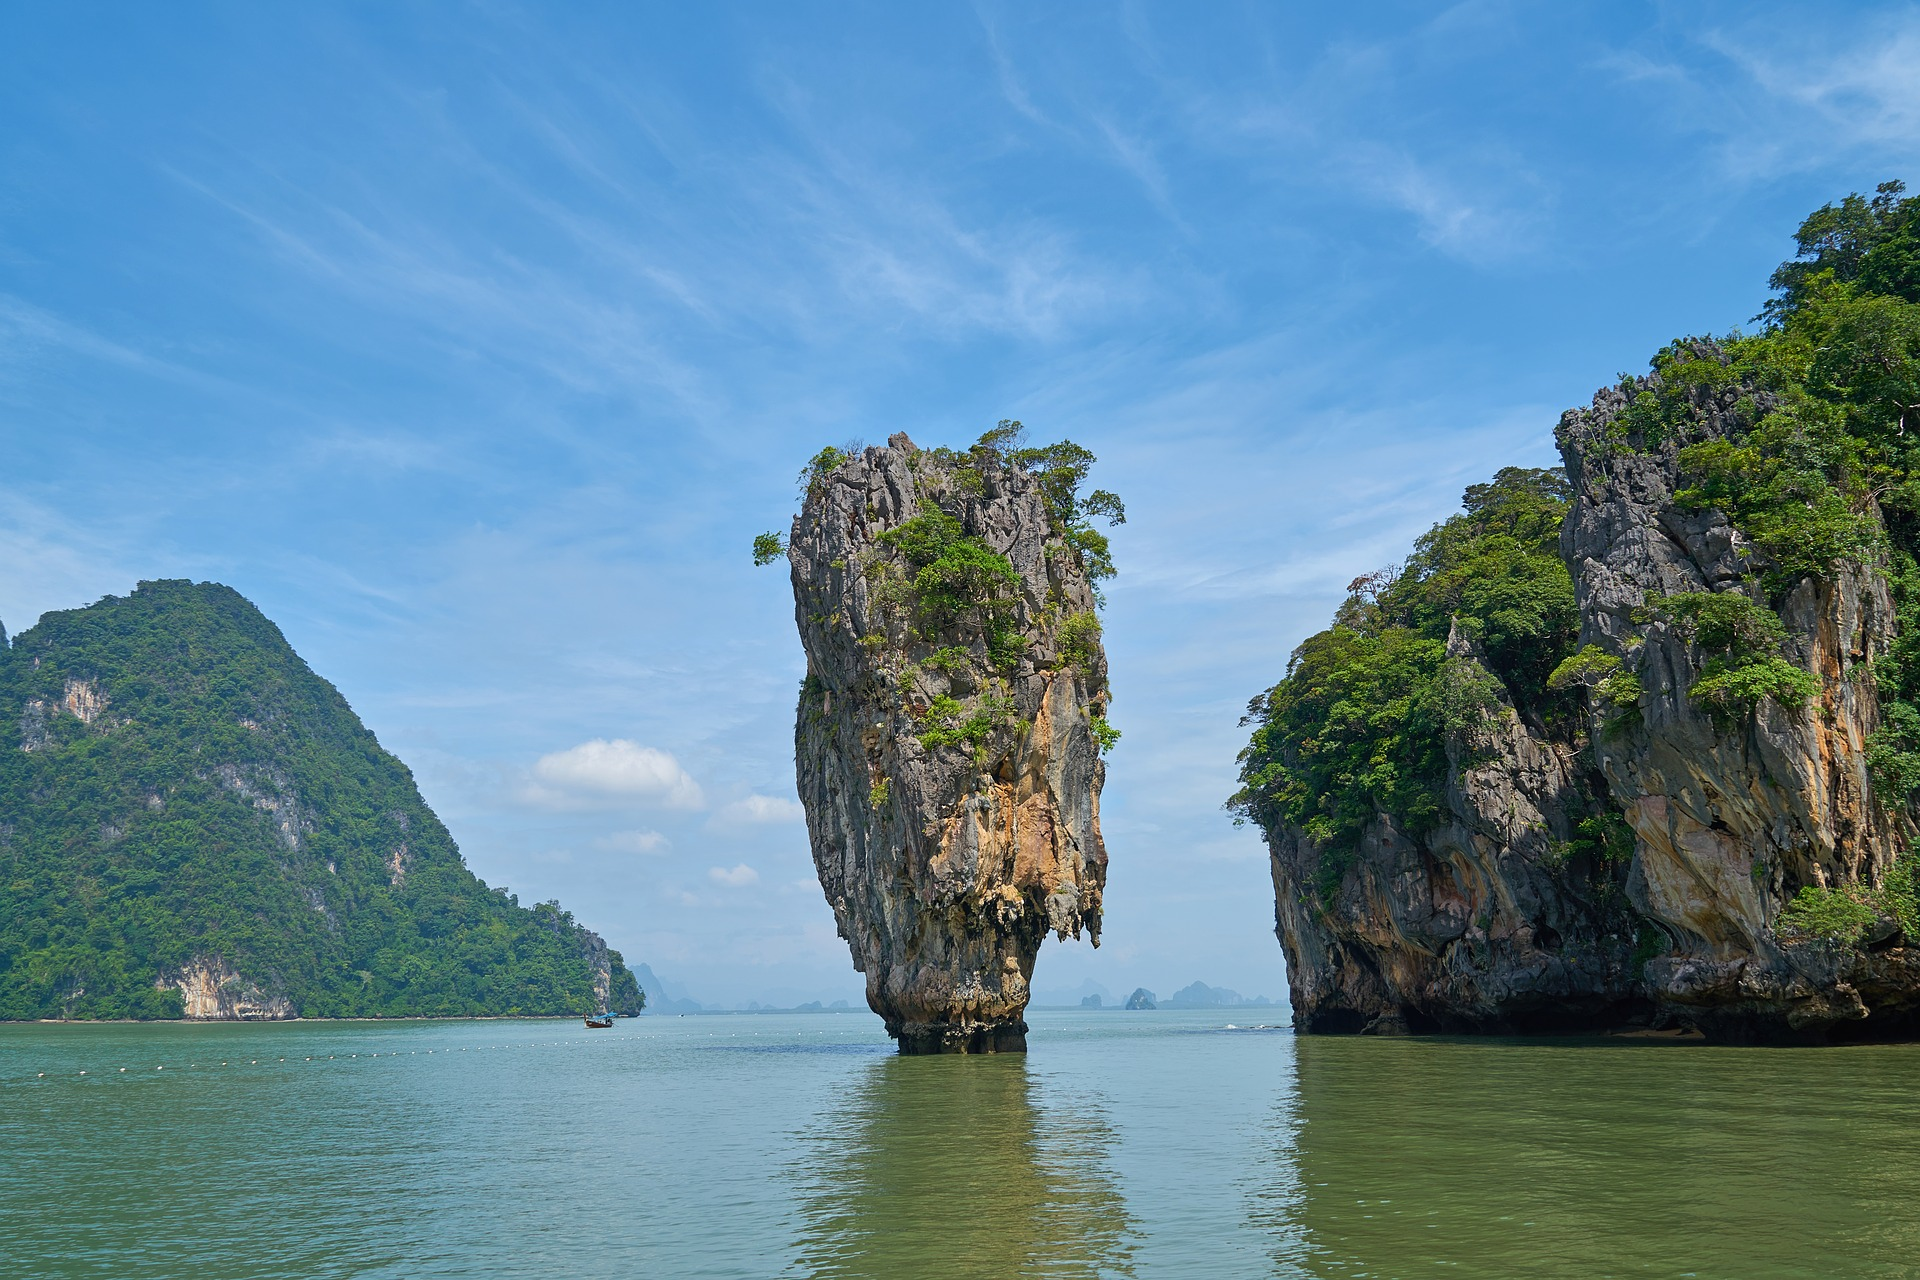 Острова рядом с Пхукетом: остров Джеймса Бонда, Ко Паньи, Коралловый остров